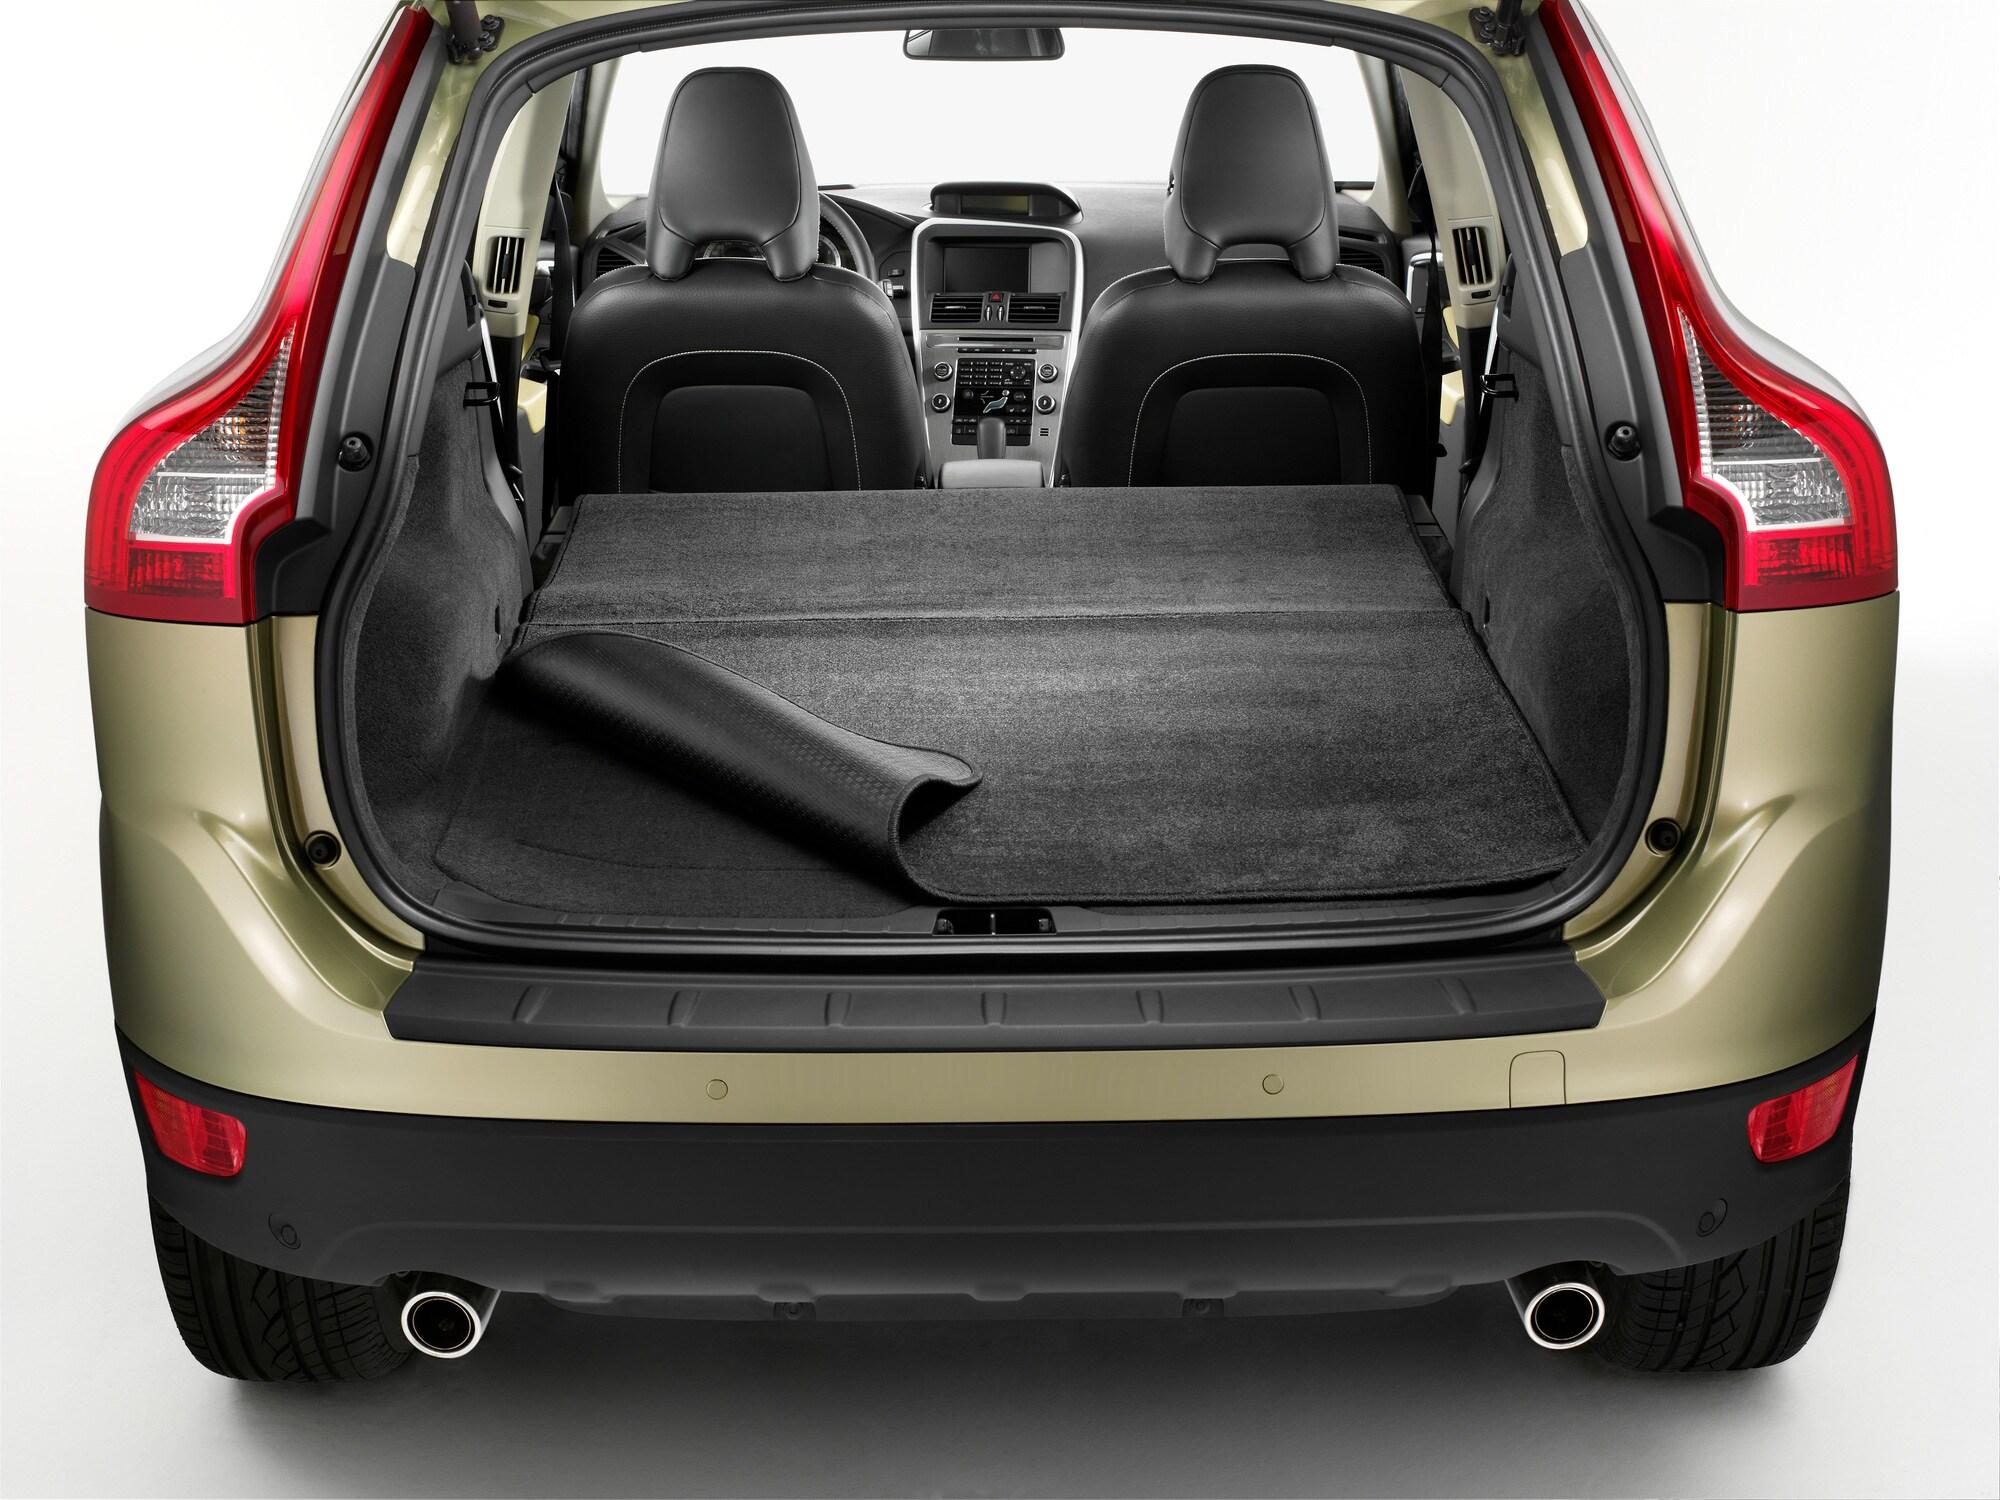 volvo v40 boot dimensions idee immagine auto. Black Bedroom Furniture Sets. Home Design Ideas